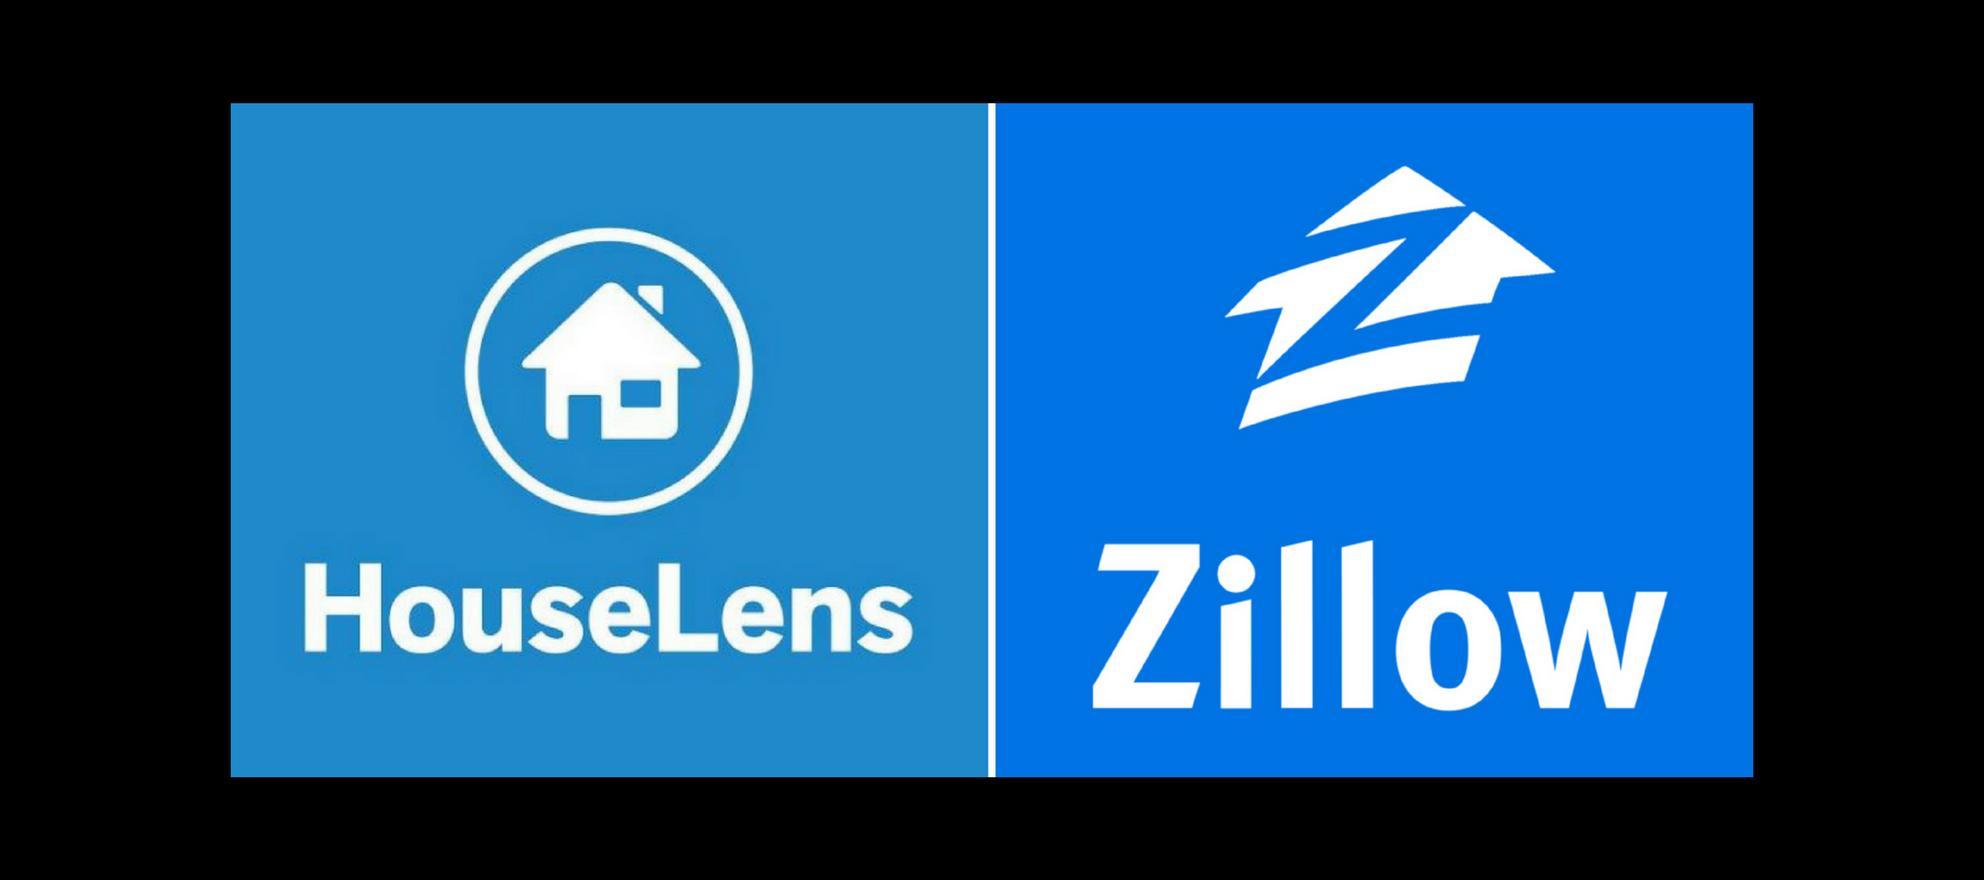 HomeLens Zillow integration